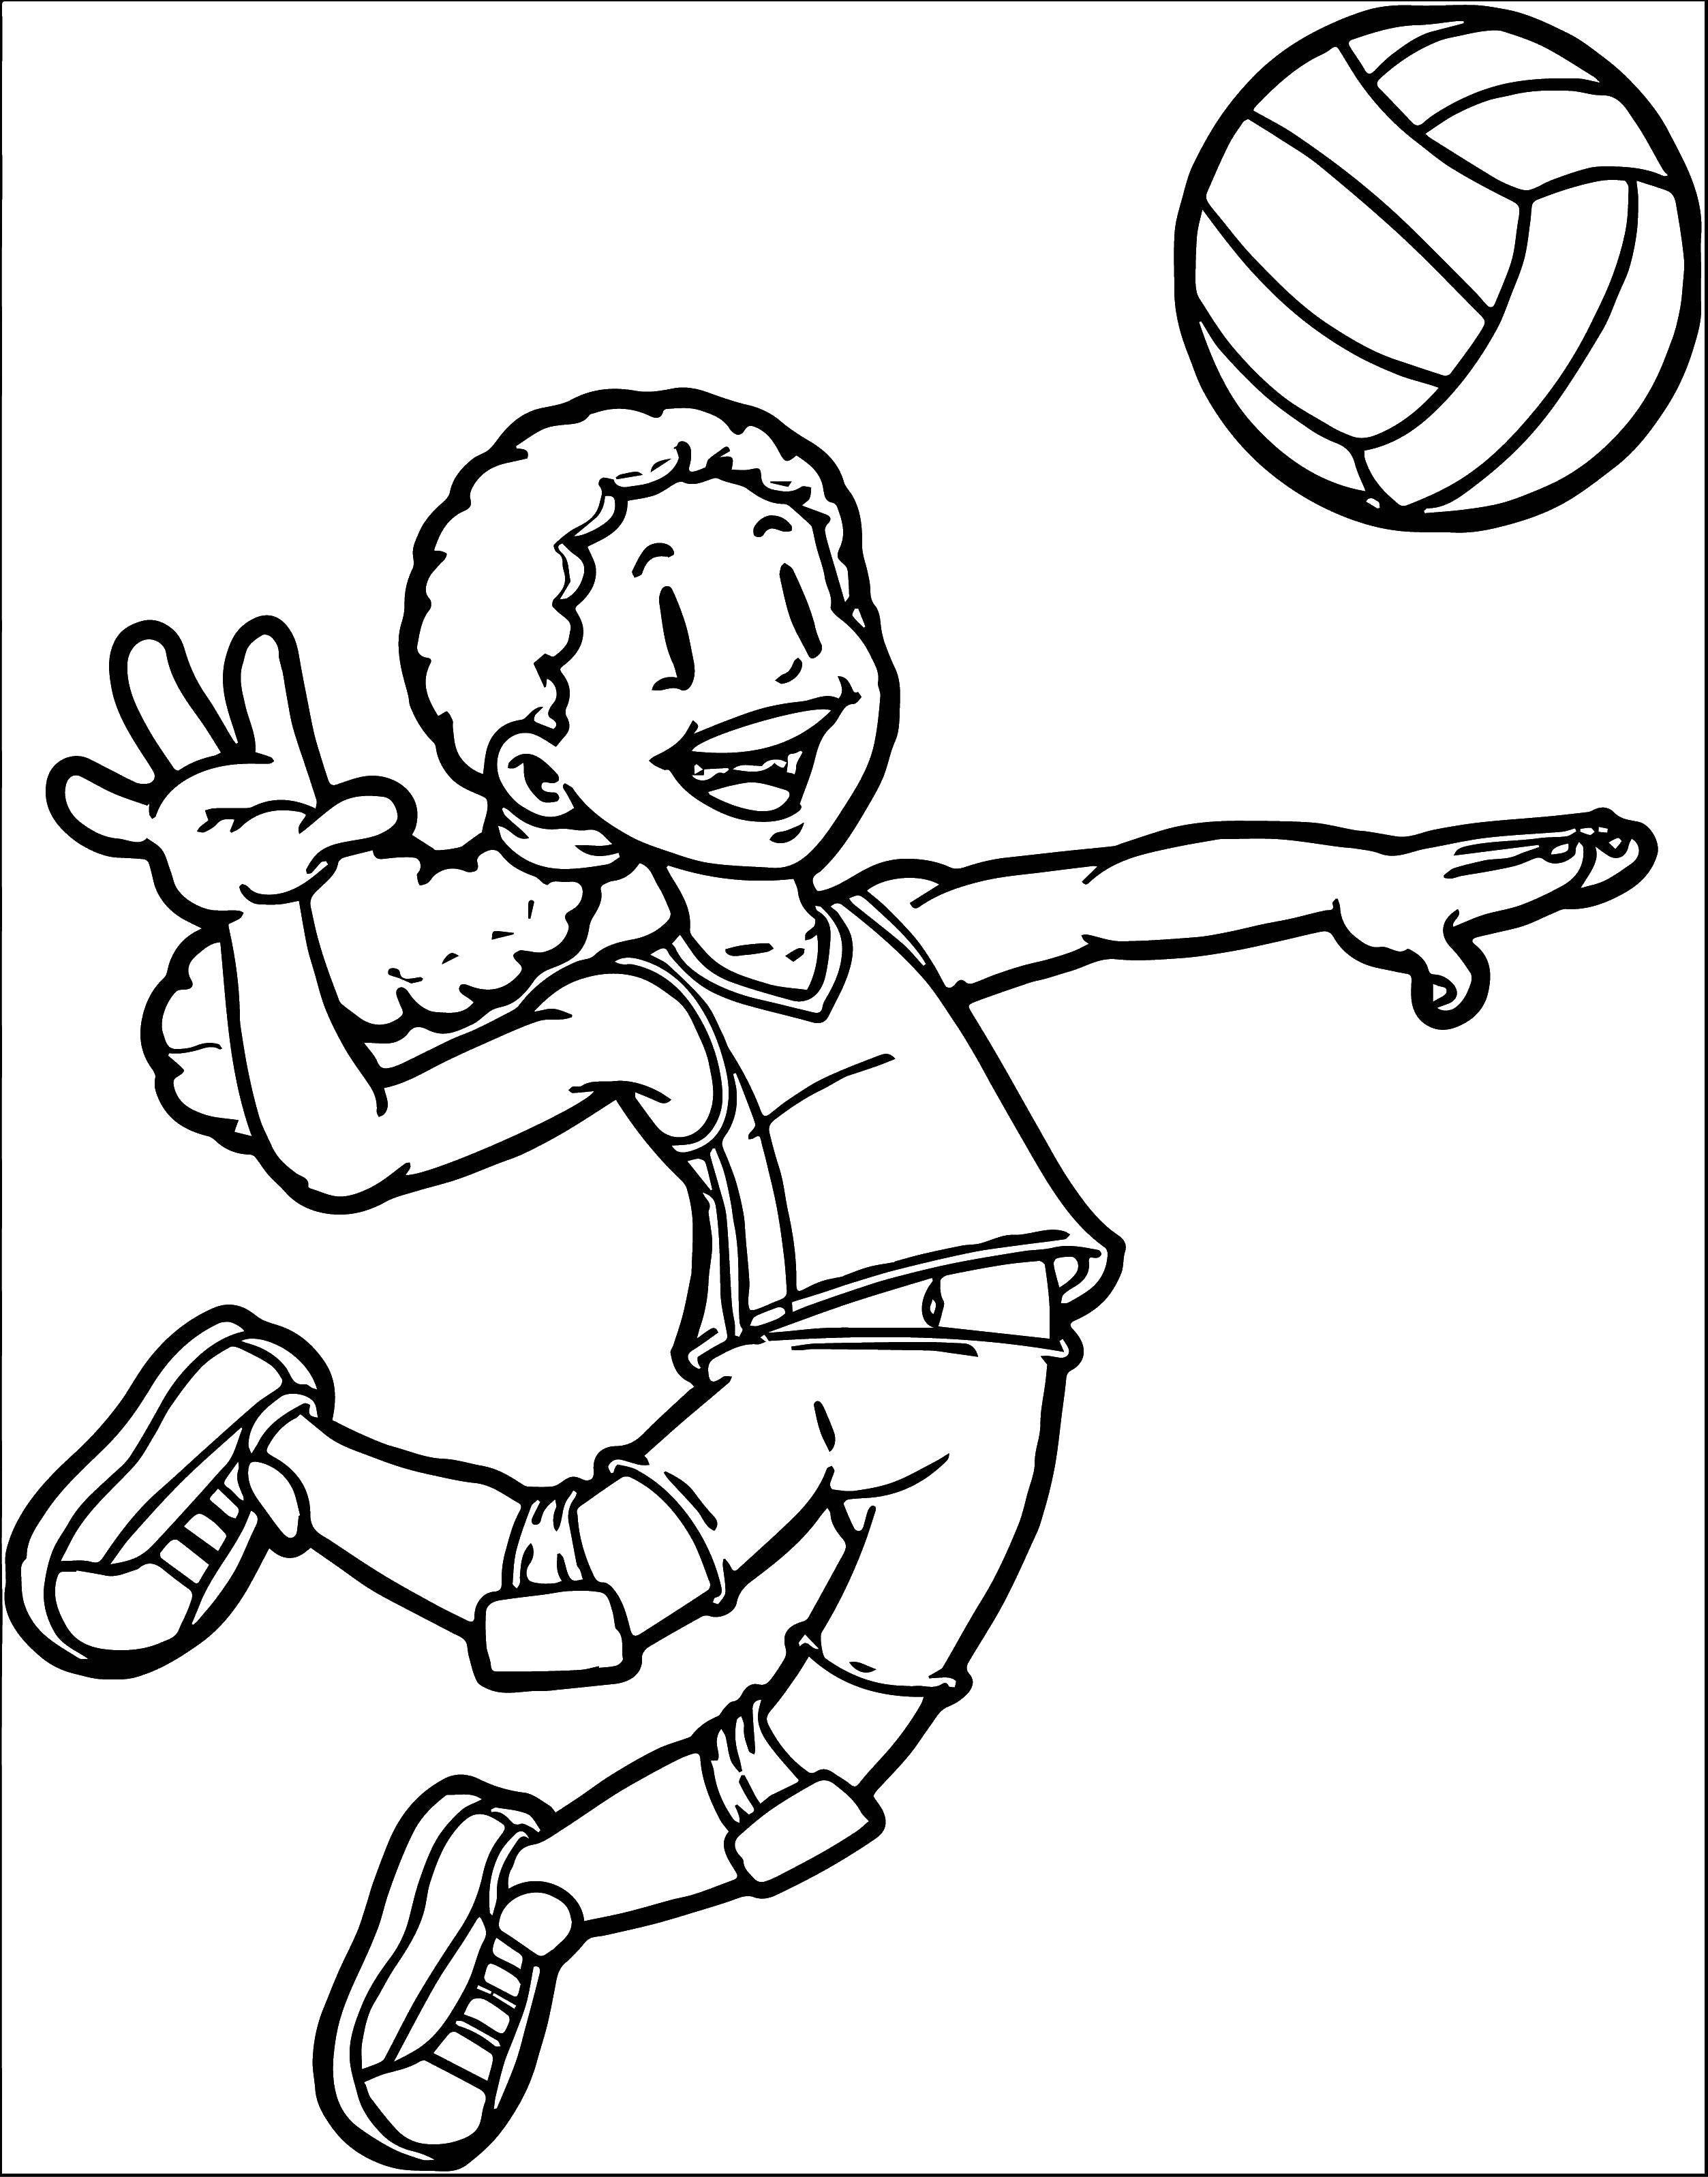 Картинки виды спорта для раскрашивания